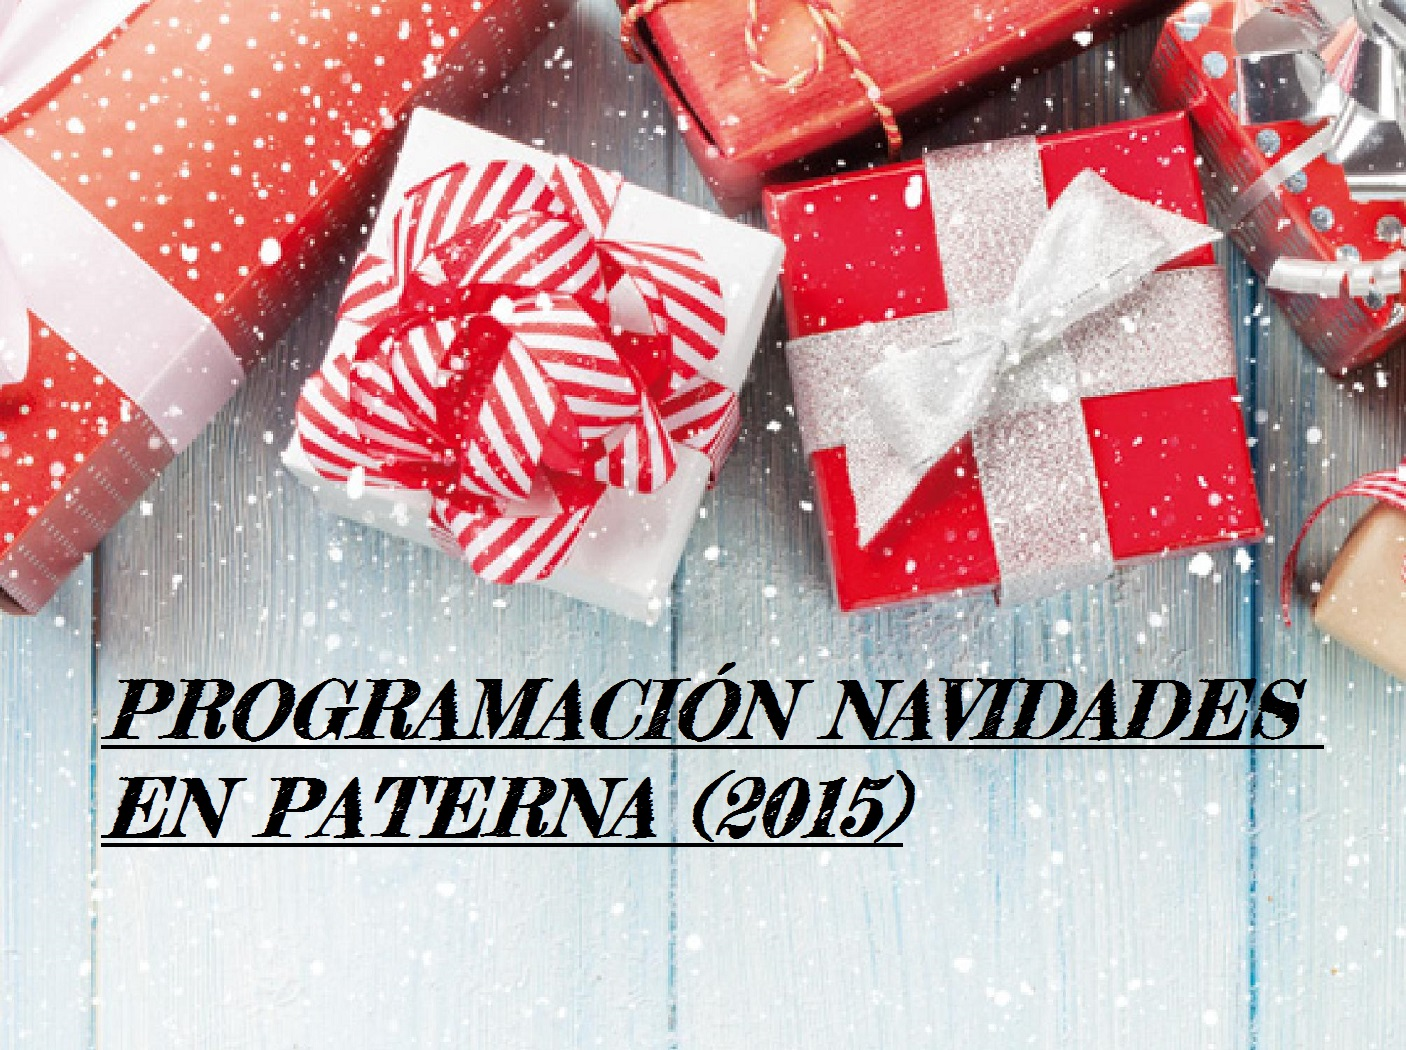 Programación Navidades en Paterna 2015 (Del 18 de diciembre al 6 de enero)